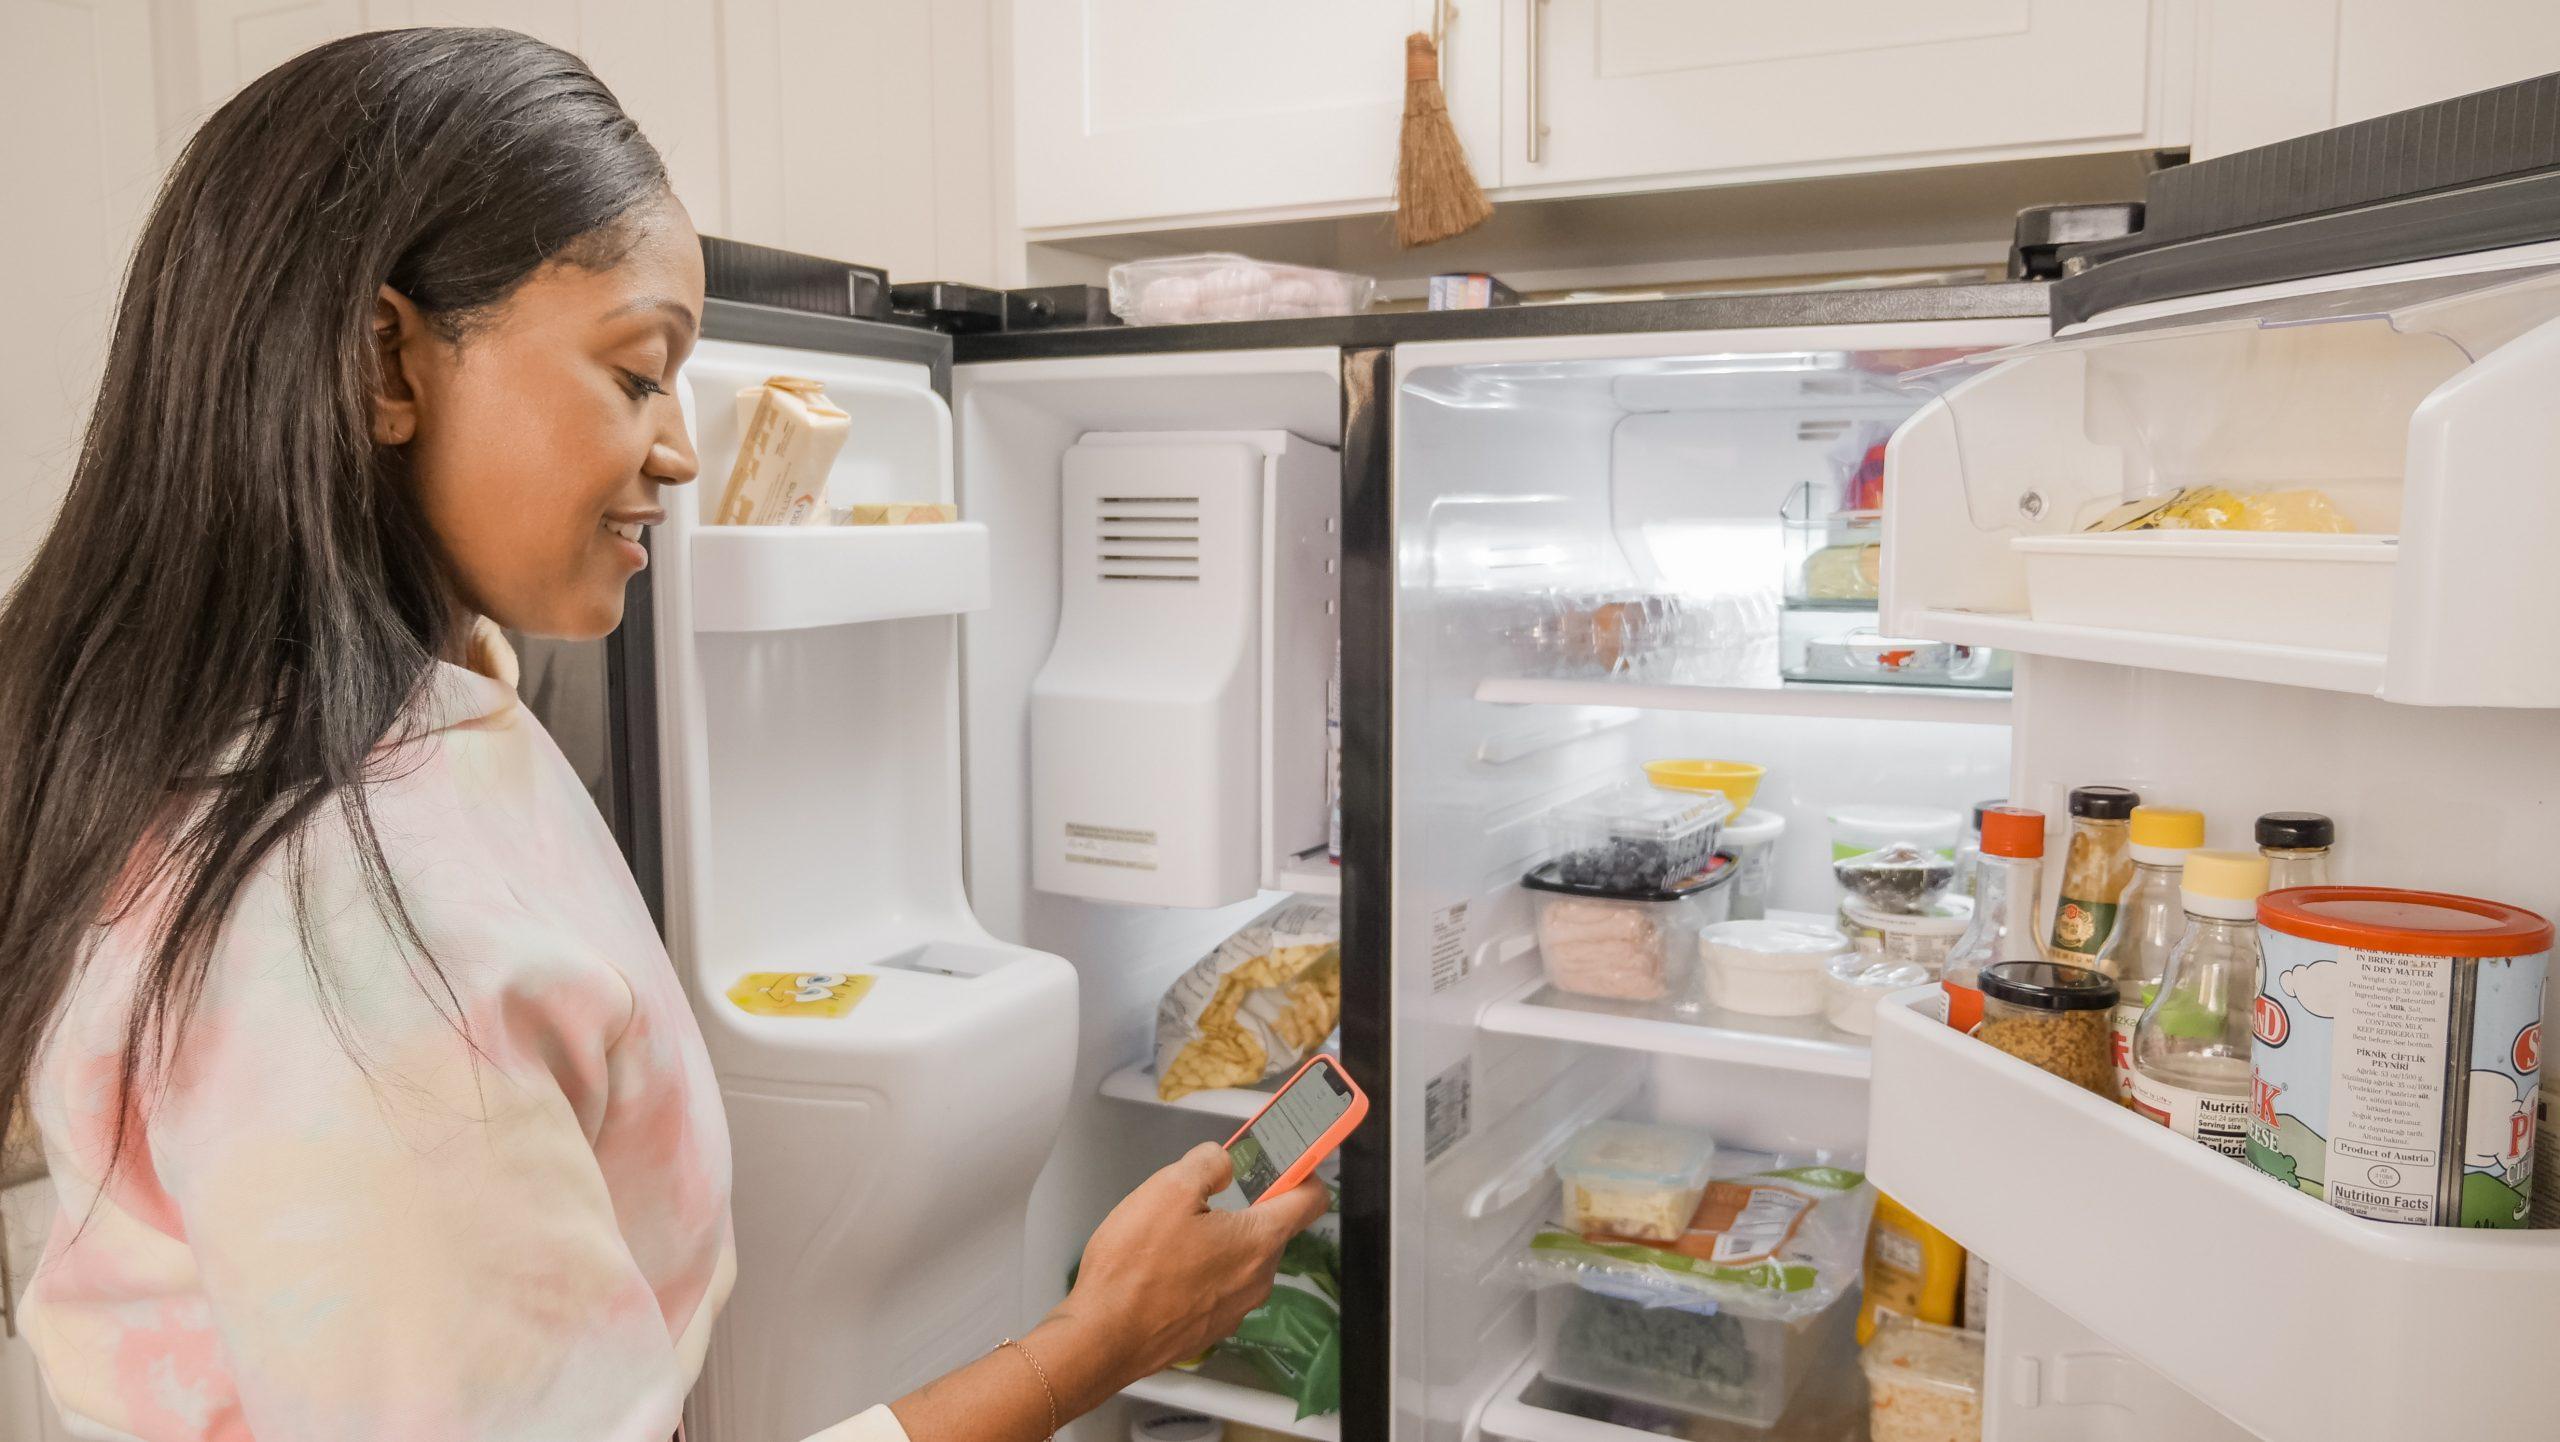 Imagem de uma mulher utilizando o smartphone em frente à geladeira.